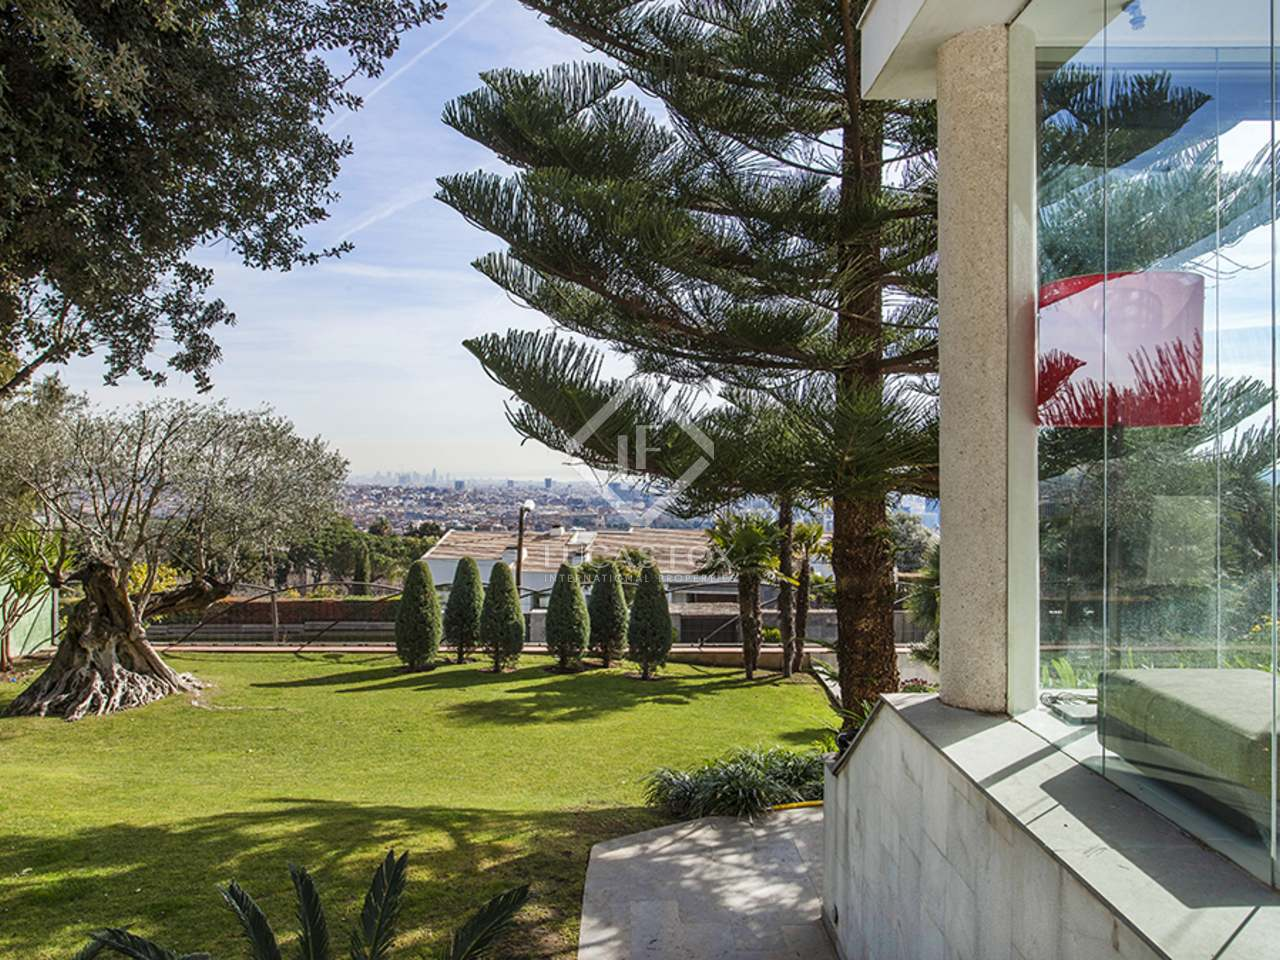 Maison villa de 520m a vendre pedralbes barcelone for Piscine w barcelone